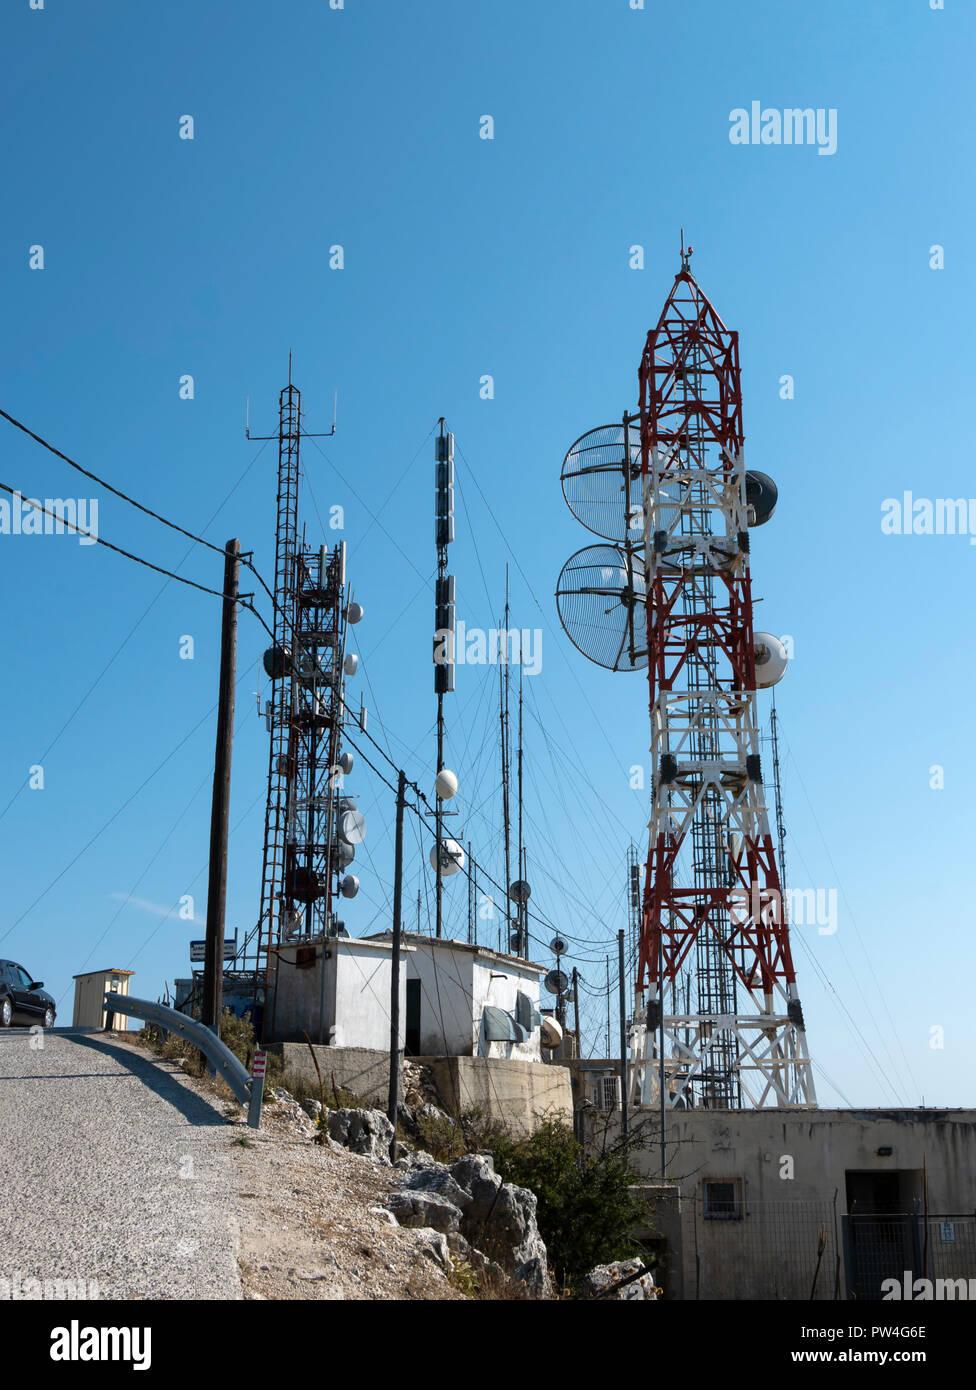 Communications masts, Mount Pantokrator, Corfu, Ionian Islands, Greece. - Stock Image